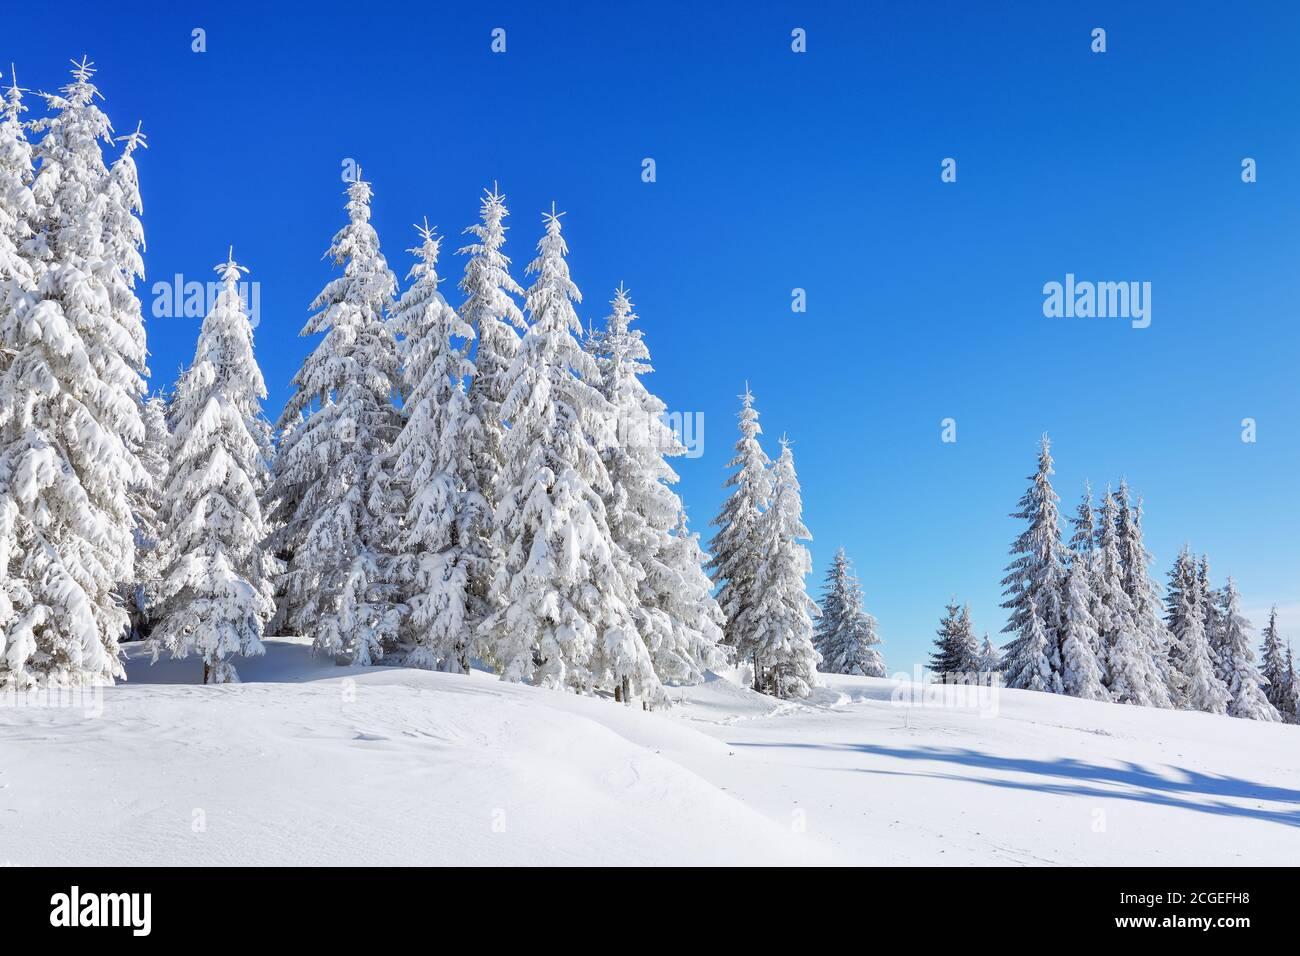 Paisaje invernal. Paisaje natural con hermoso cielo. Increíble en el césped cubierto de nieve, los árboles están de pie cubiertos de copos de nieve. Turis Foto de stock